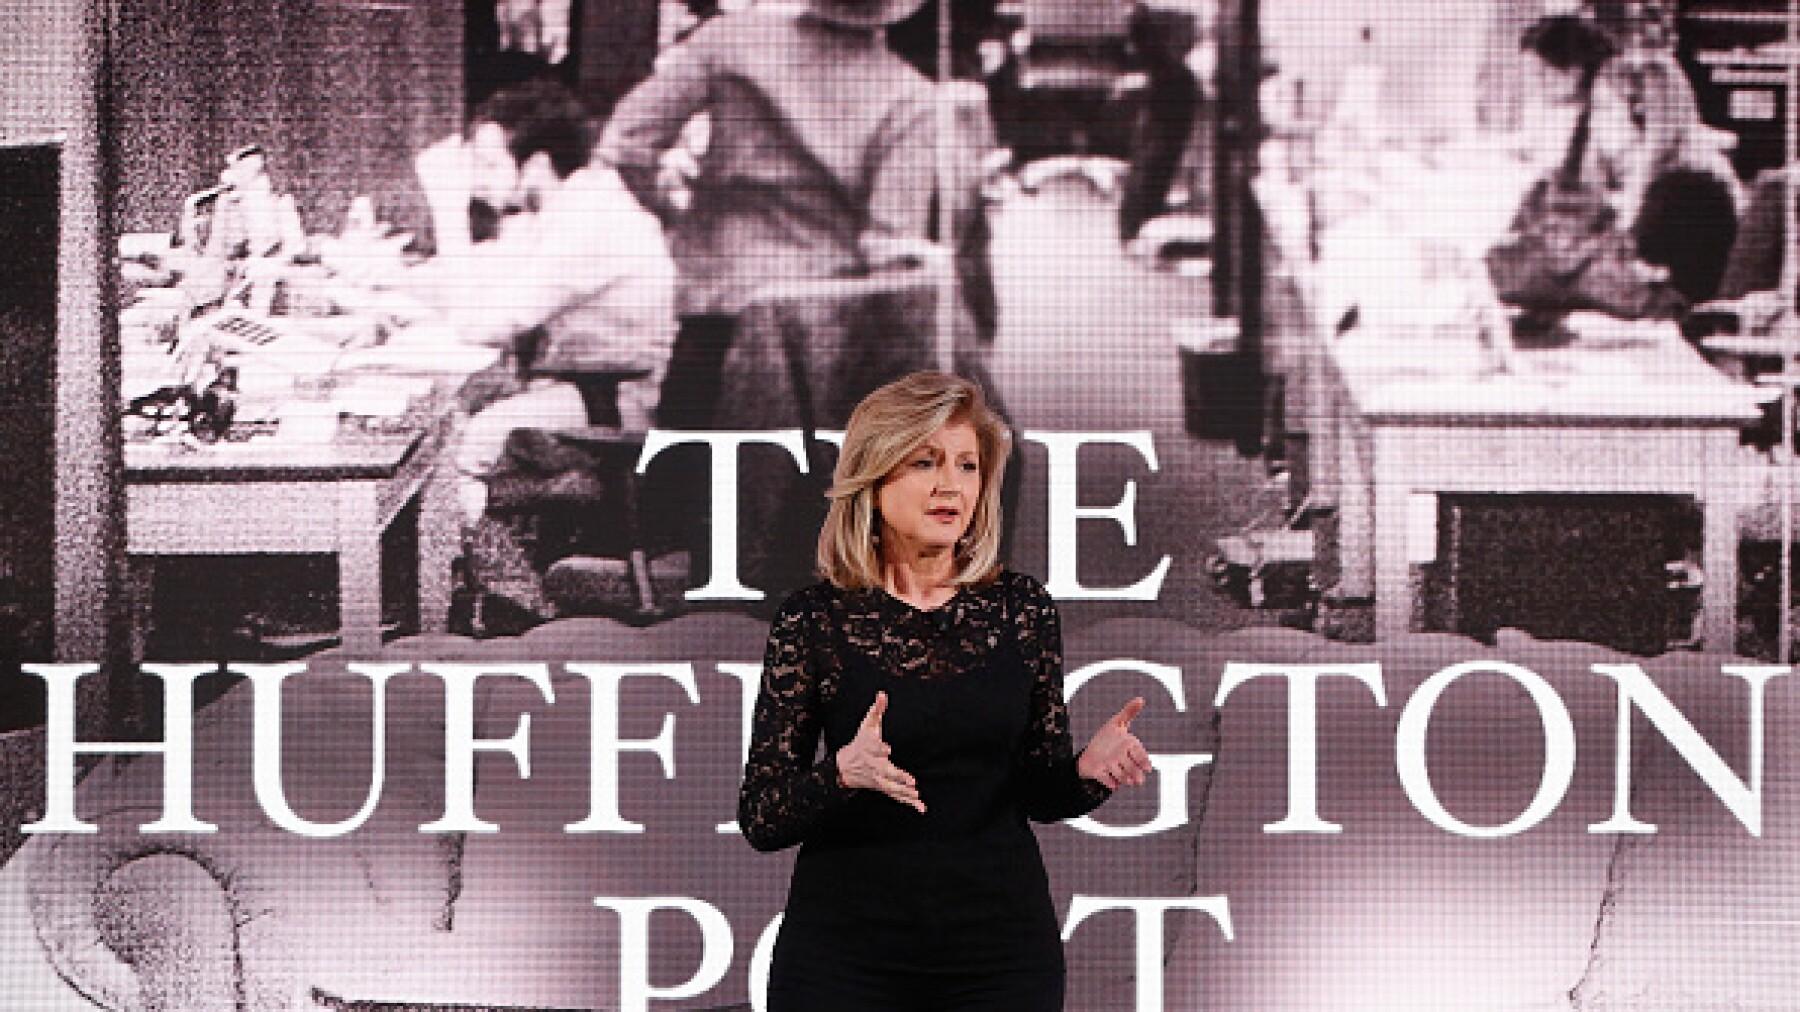 Una de las mujeres más influyentes en los medios de comunicación internacionales, Arianna Huffington es una abierta crítica de Trump.